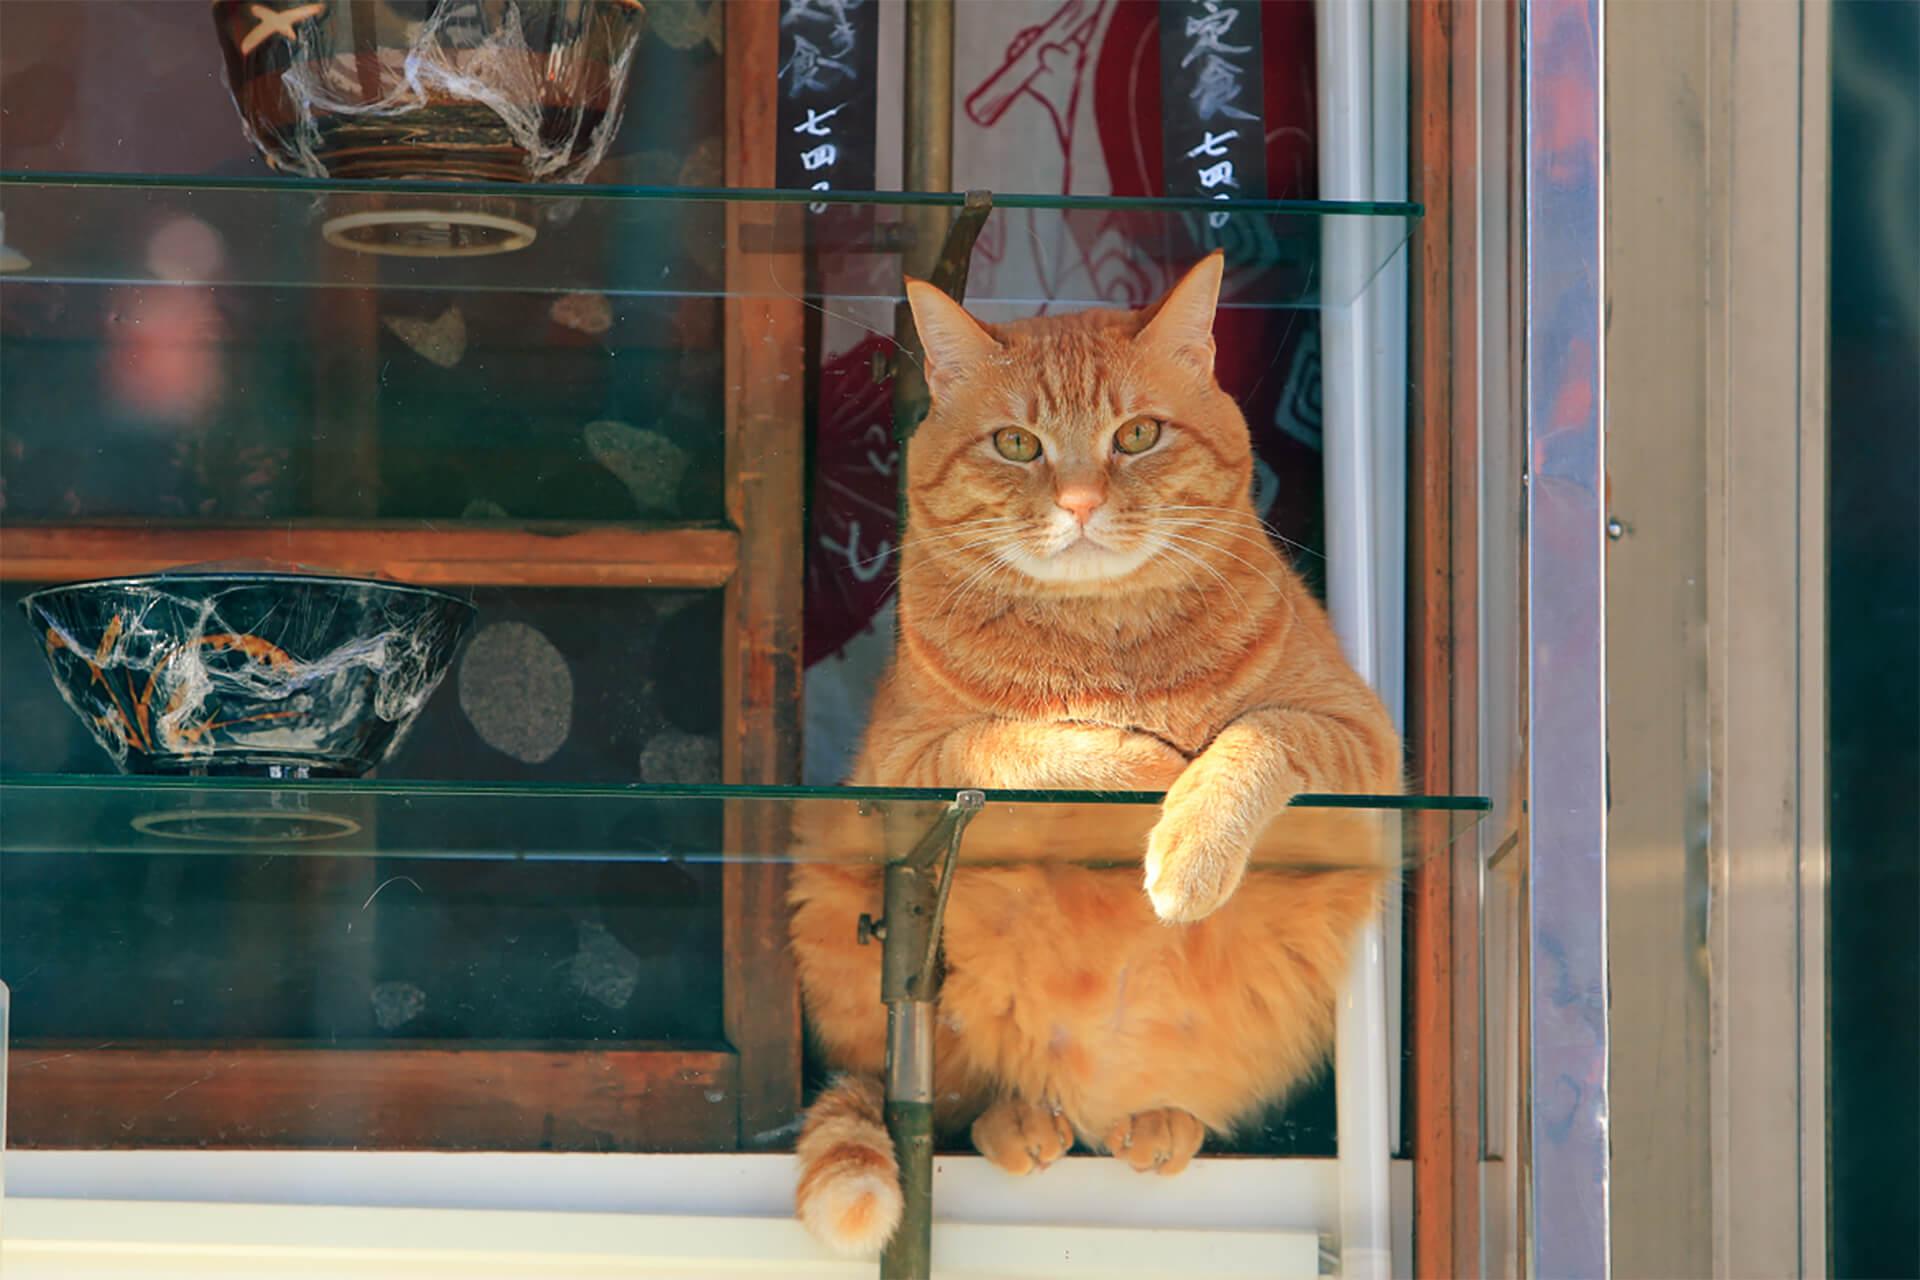 この写真はねこがかわいいだけ展の出展写真・猫がこっちをみてます